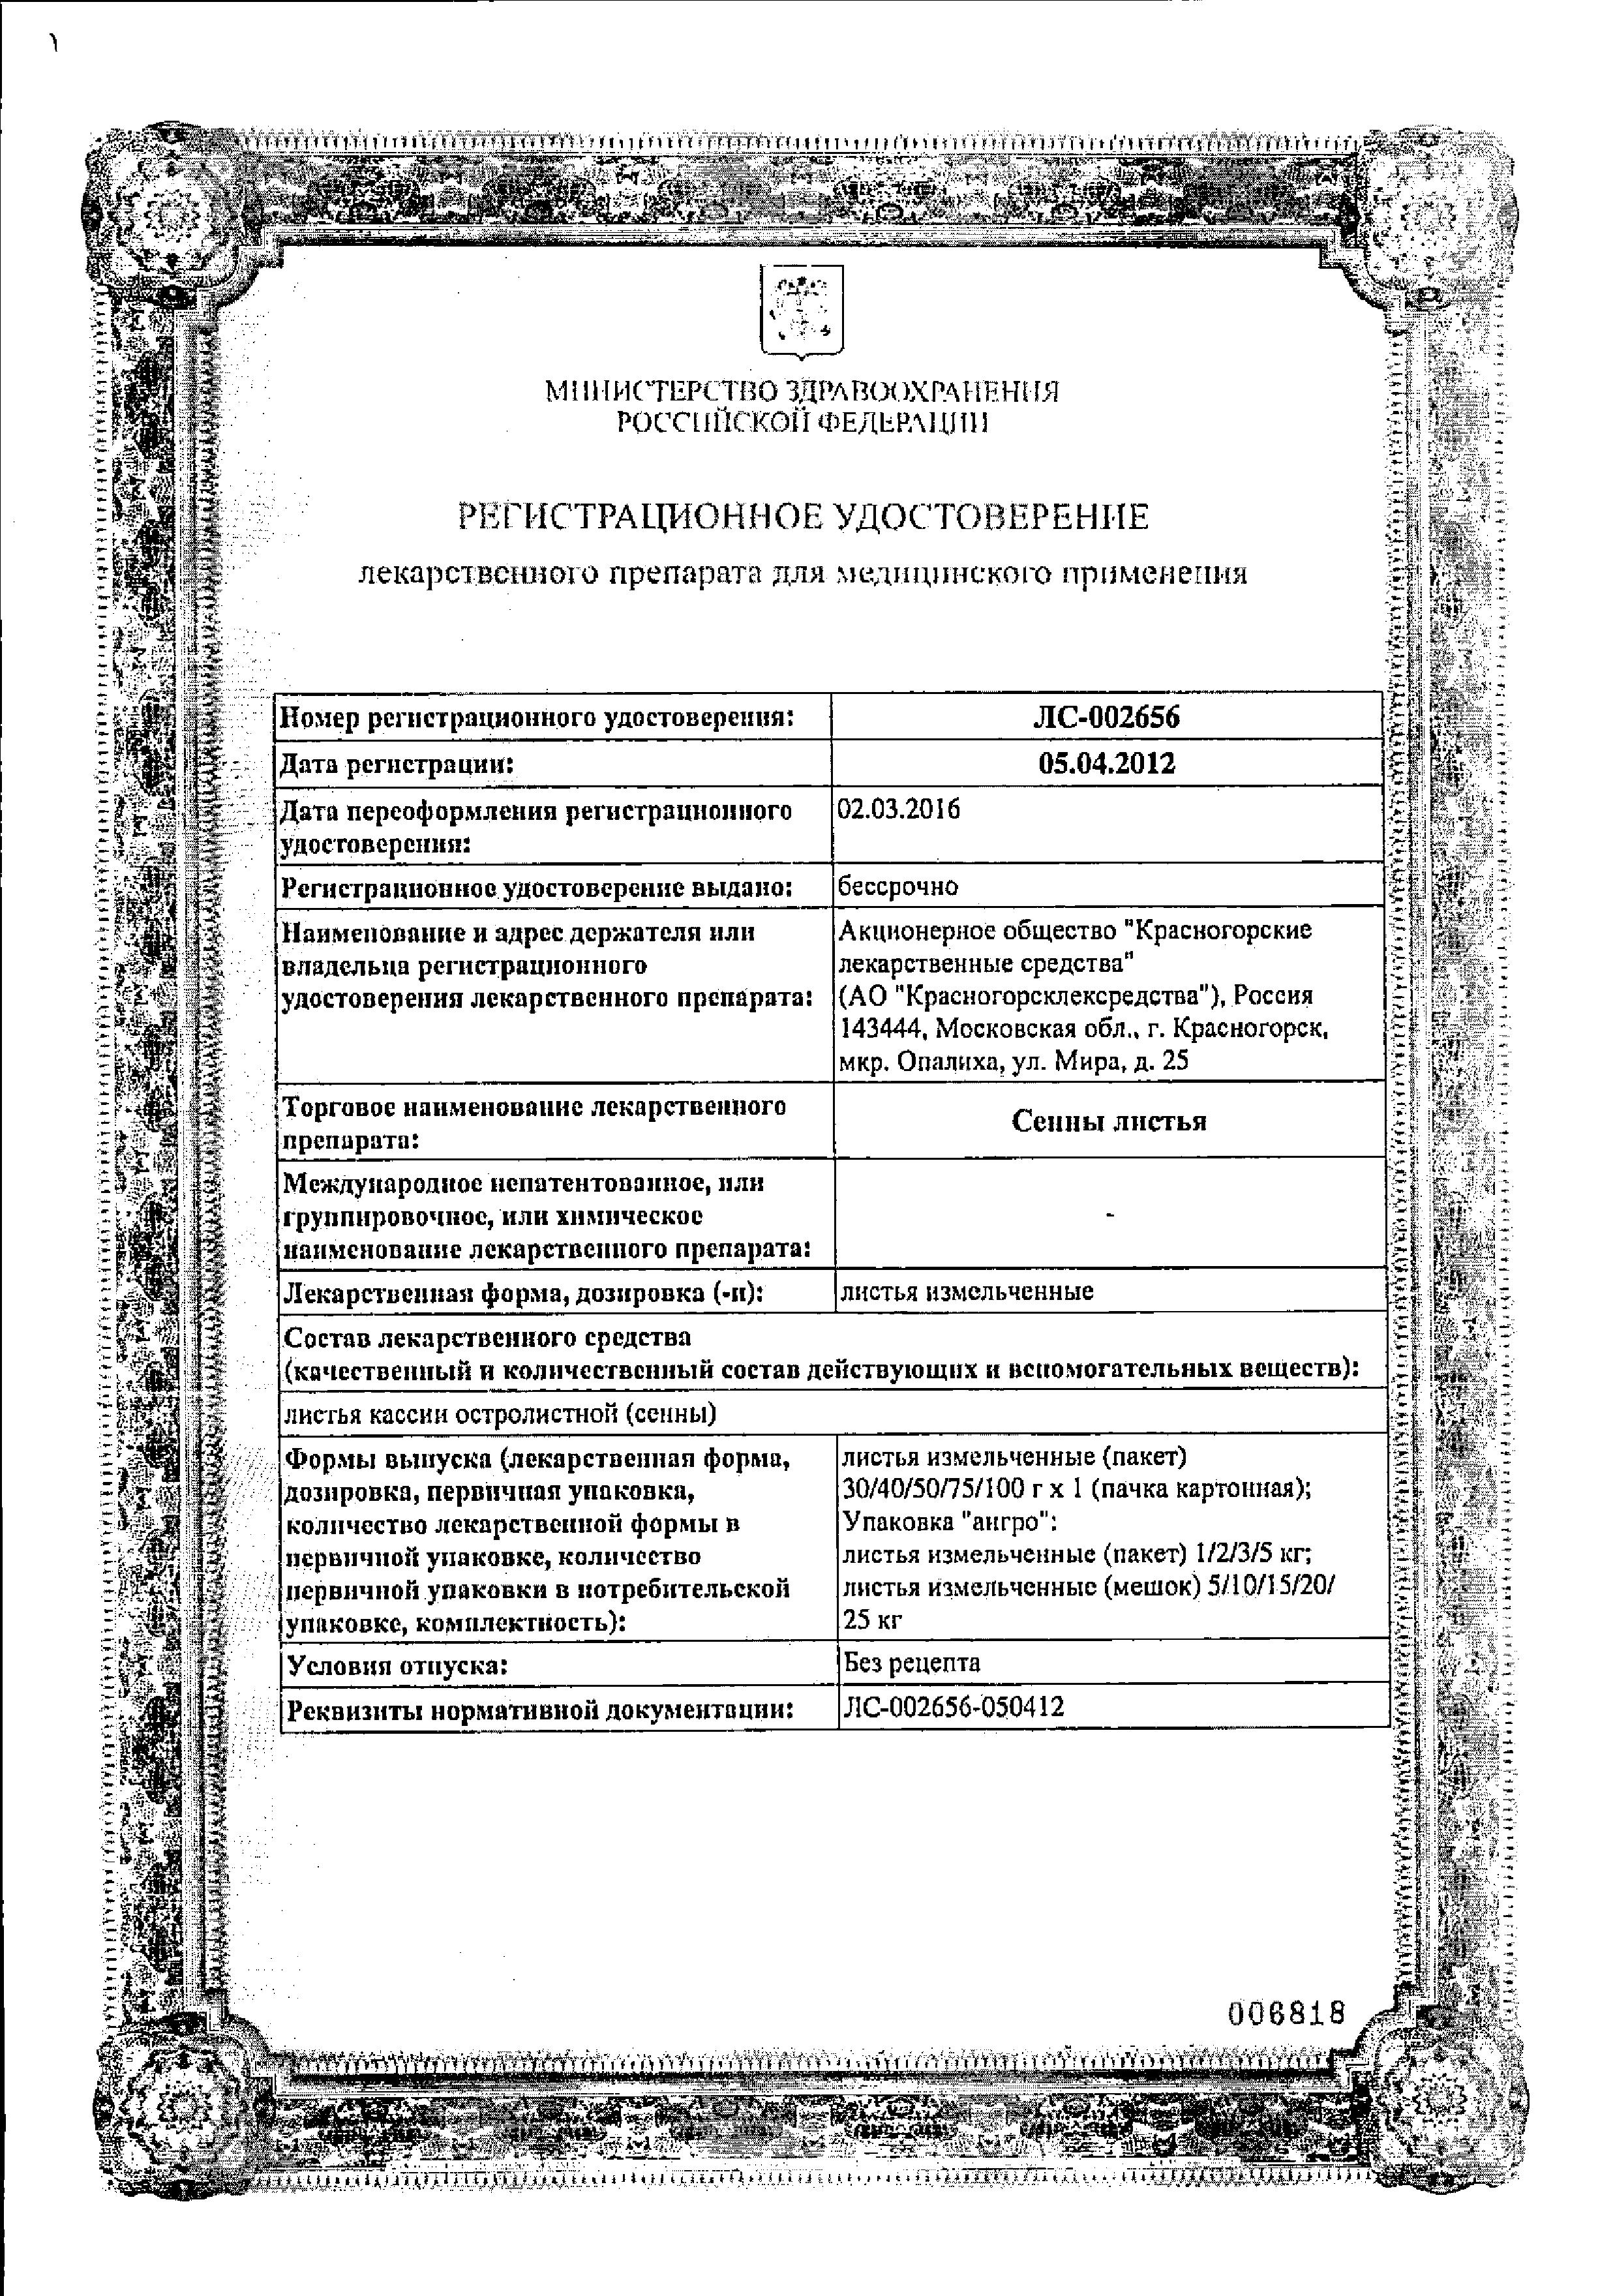 Сенны листья сертификат